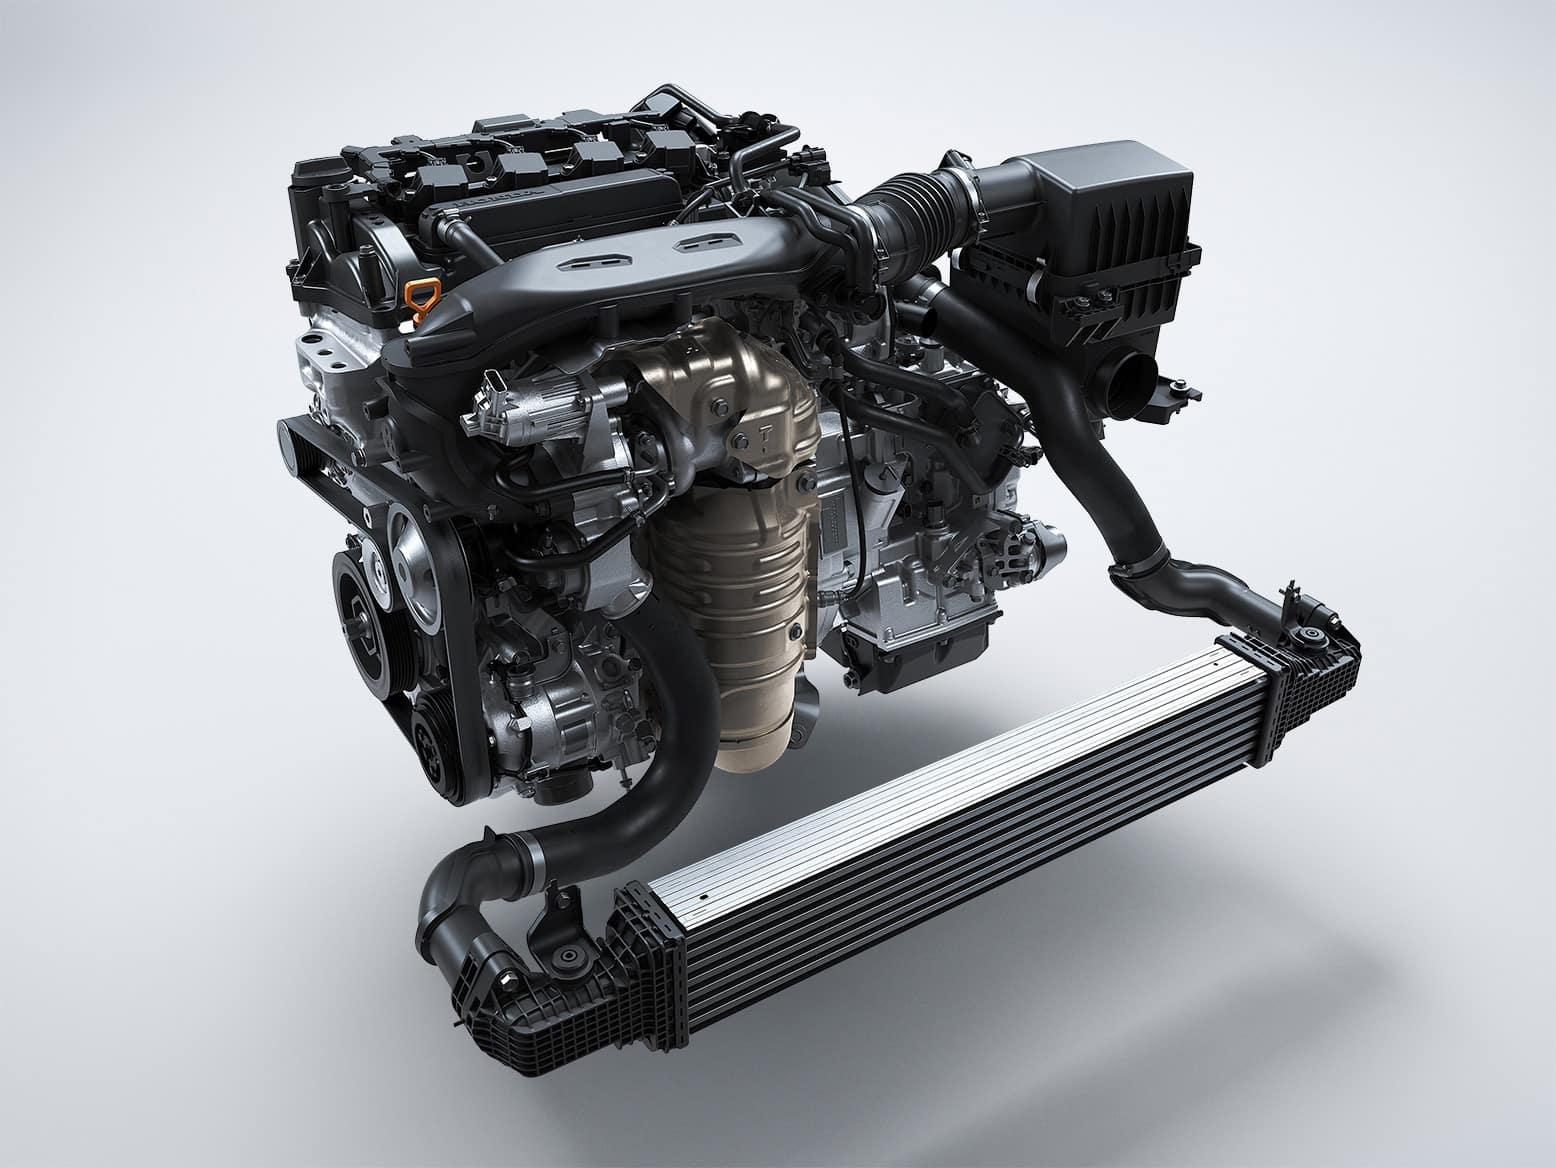 2022 Honda Civic Hatchback with turbocharged engine